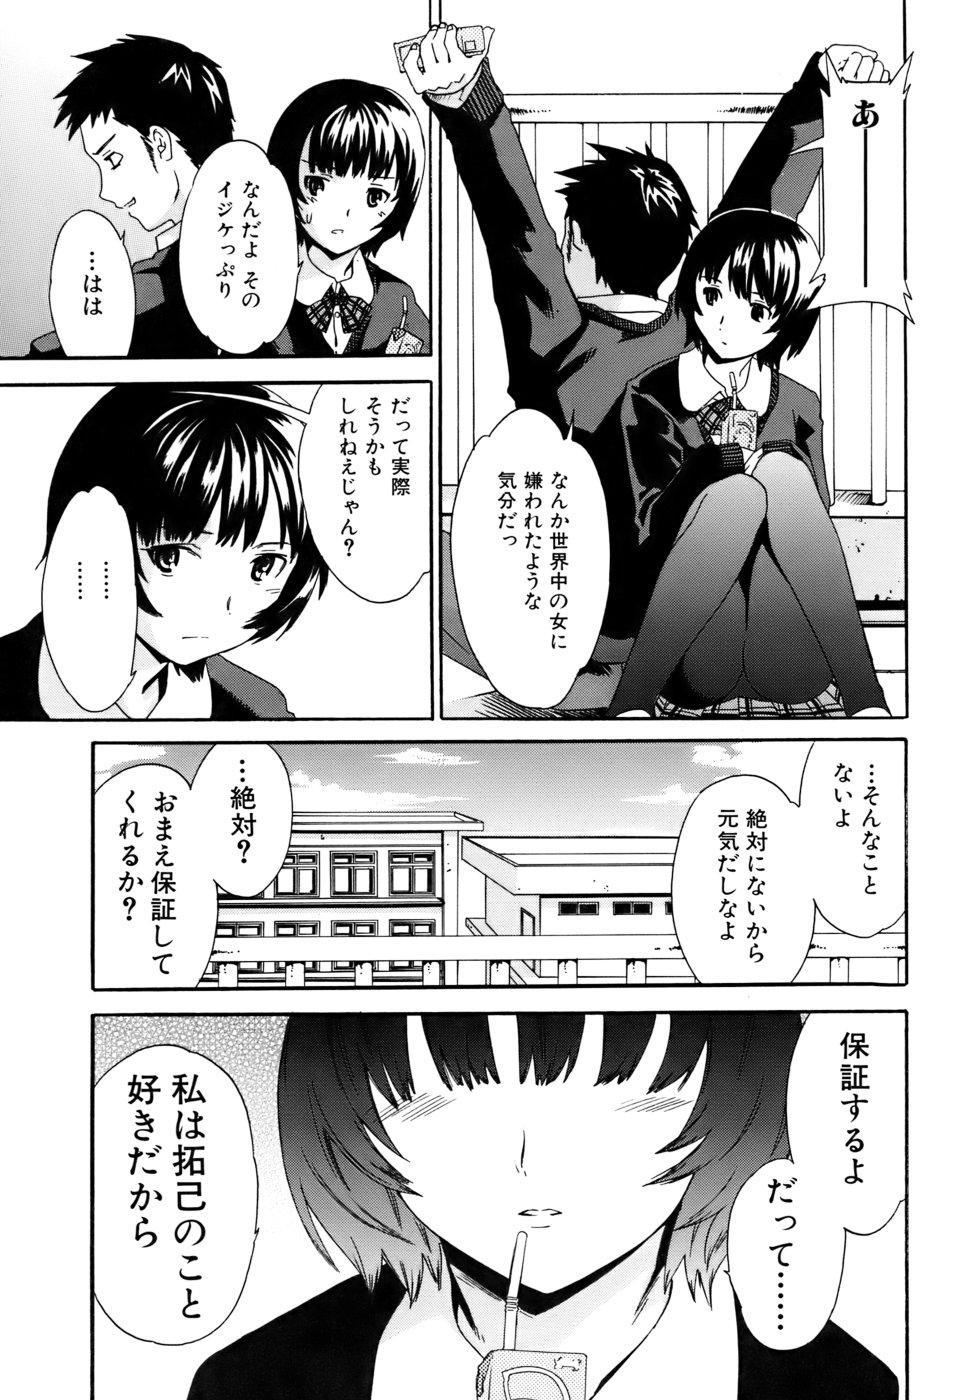 Kanojo no Bitai - Her Coquetry 43